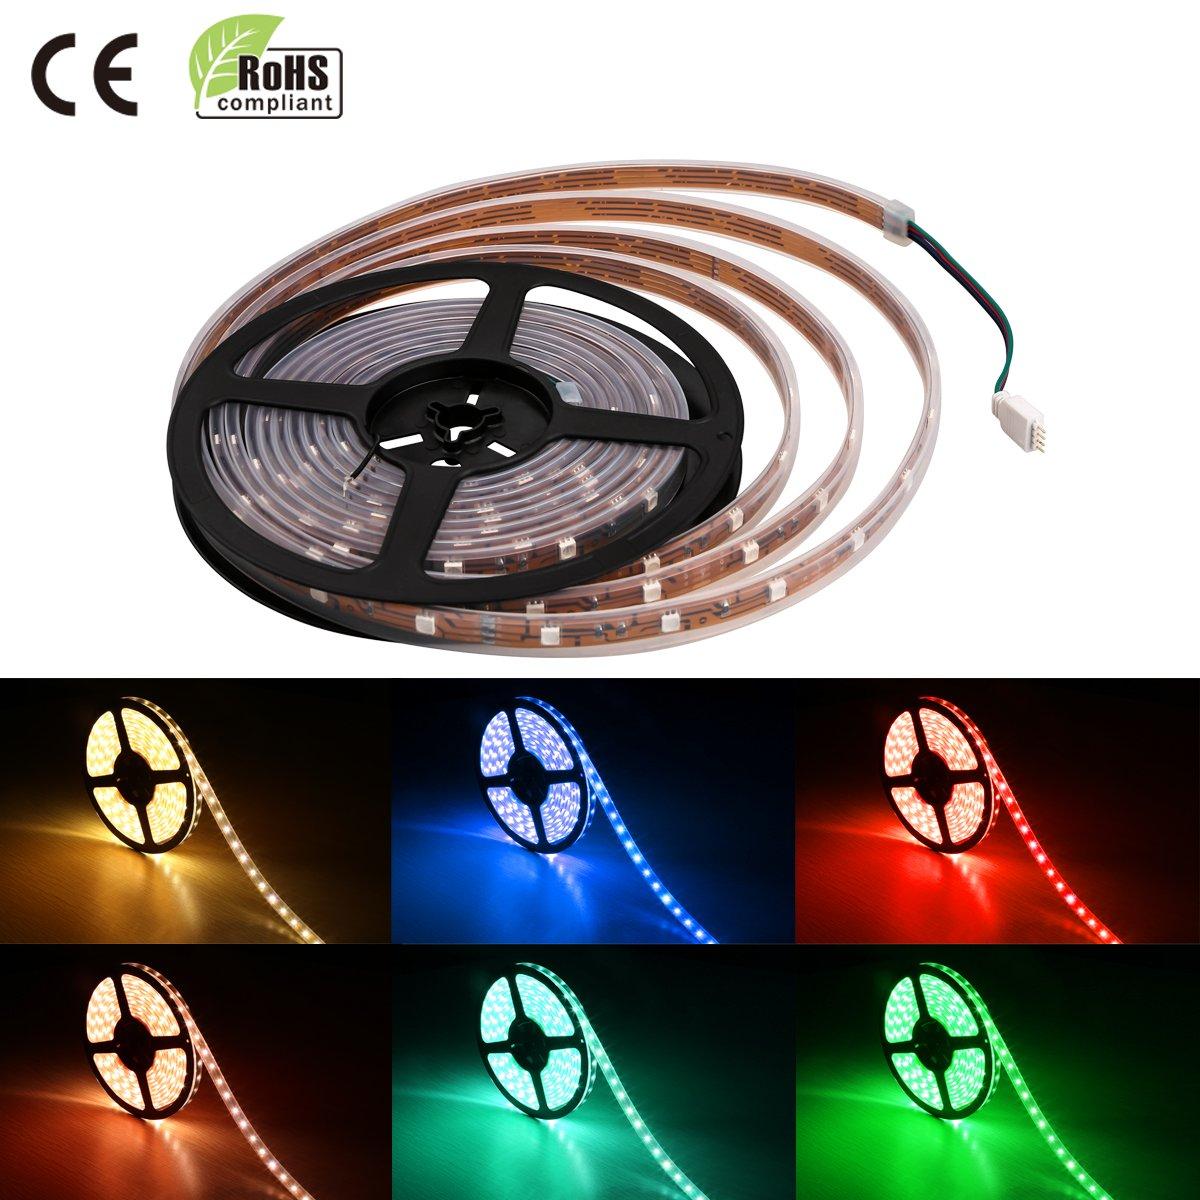 Lighting Ever Waterproof Rgb 5050 Led Strip Light164 How To Build Multicolor Hd Light164ft 5m Multicolor150ledssuper Brightcolor Changeflexiblediy Lightingunder Cabinet